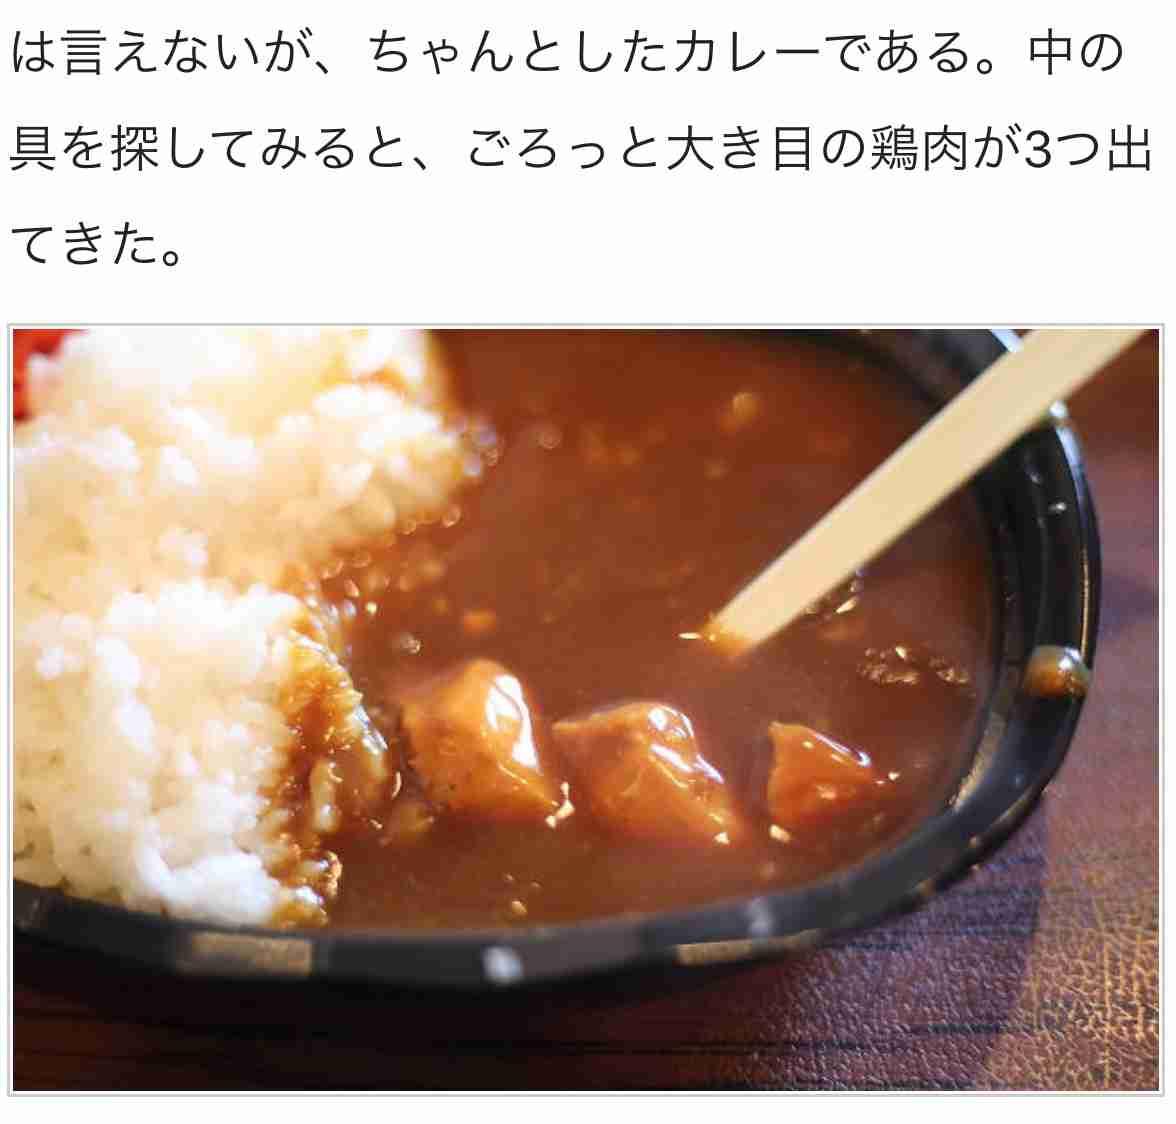 カレー1杯がわずか200円…激安店が実践する徹底したサービスカットの全貌